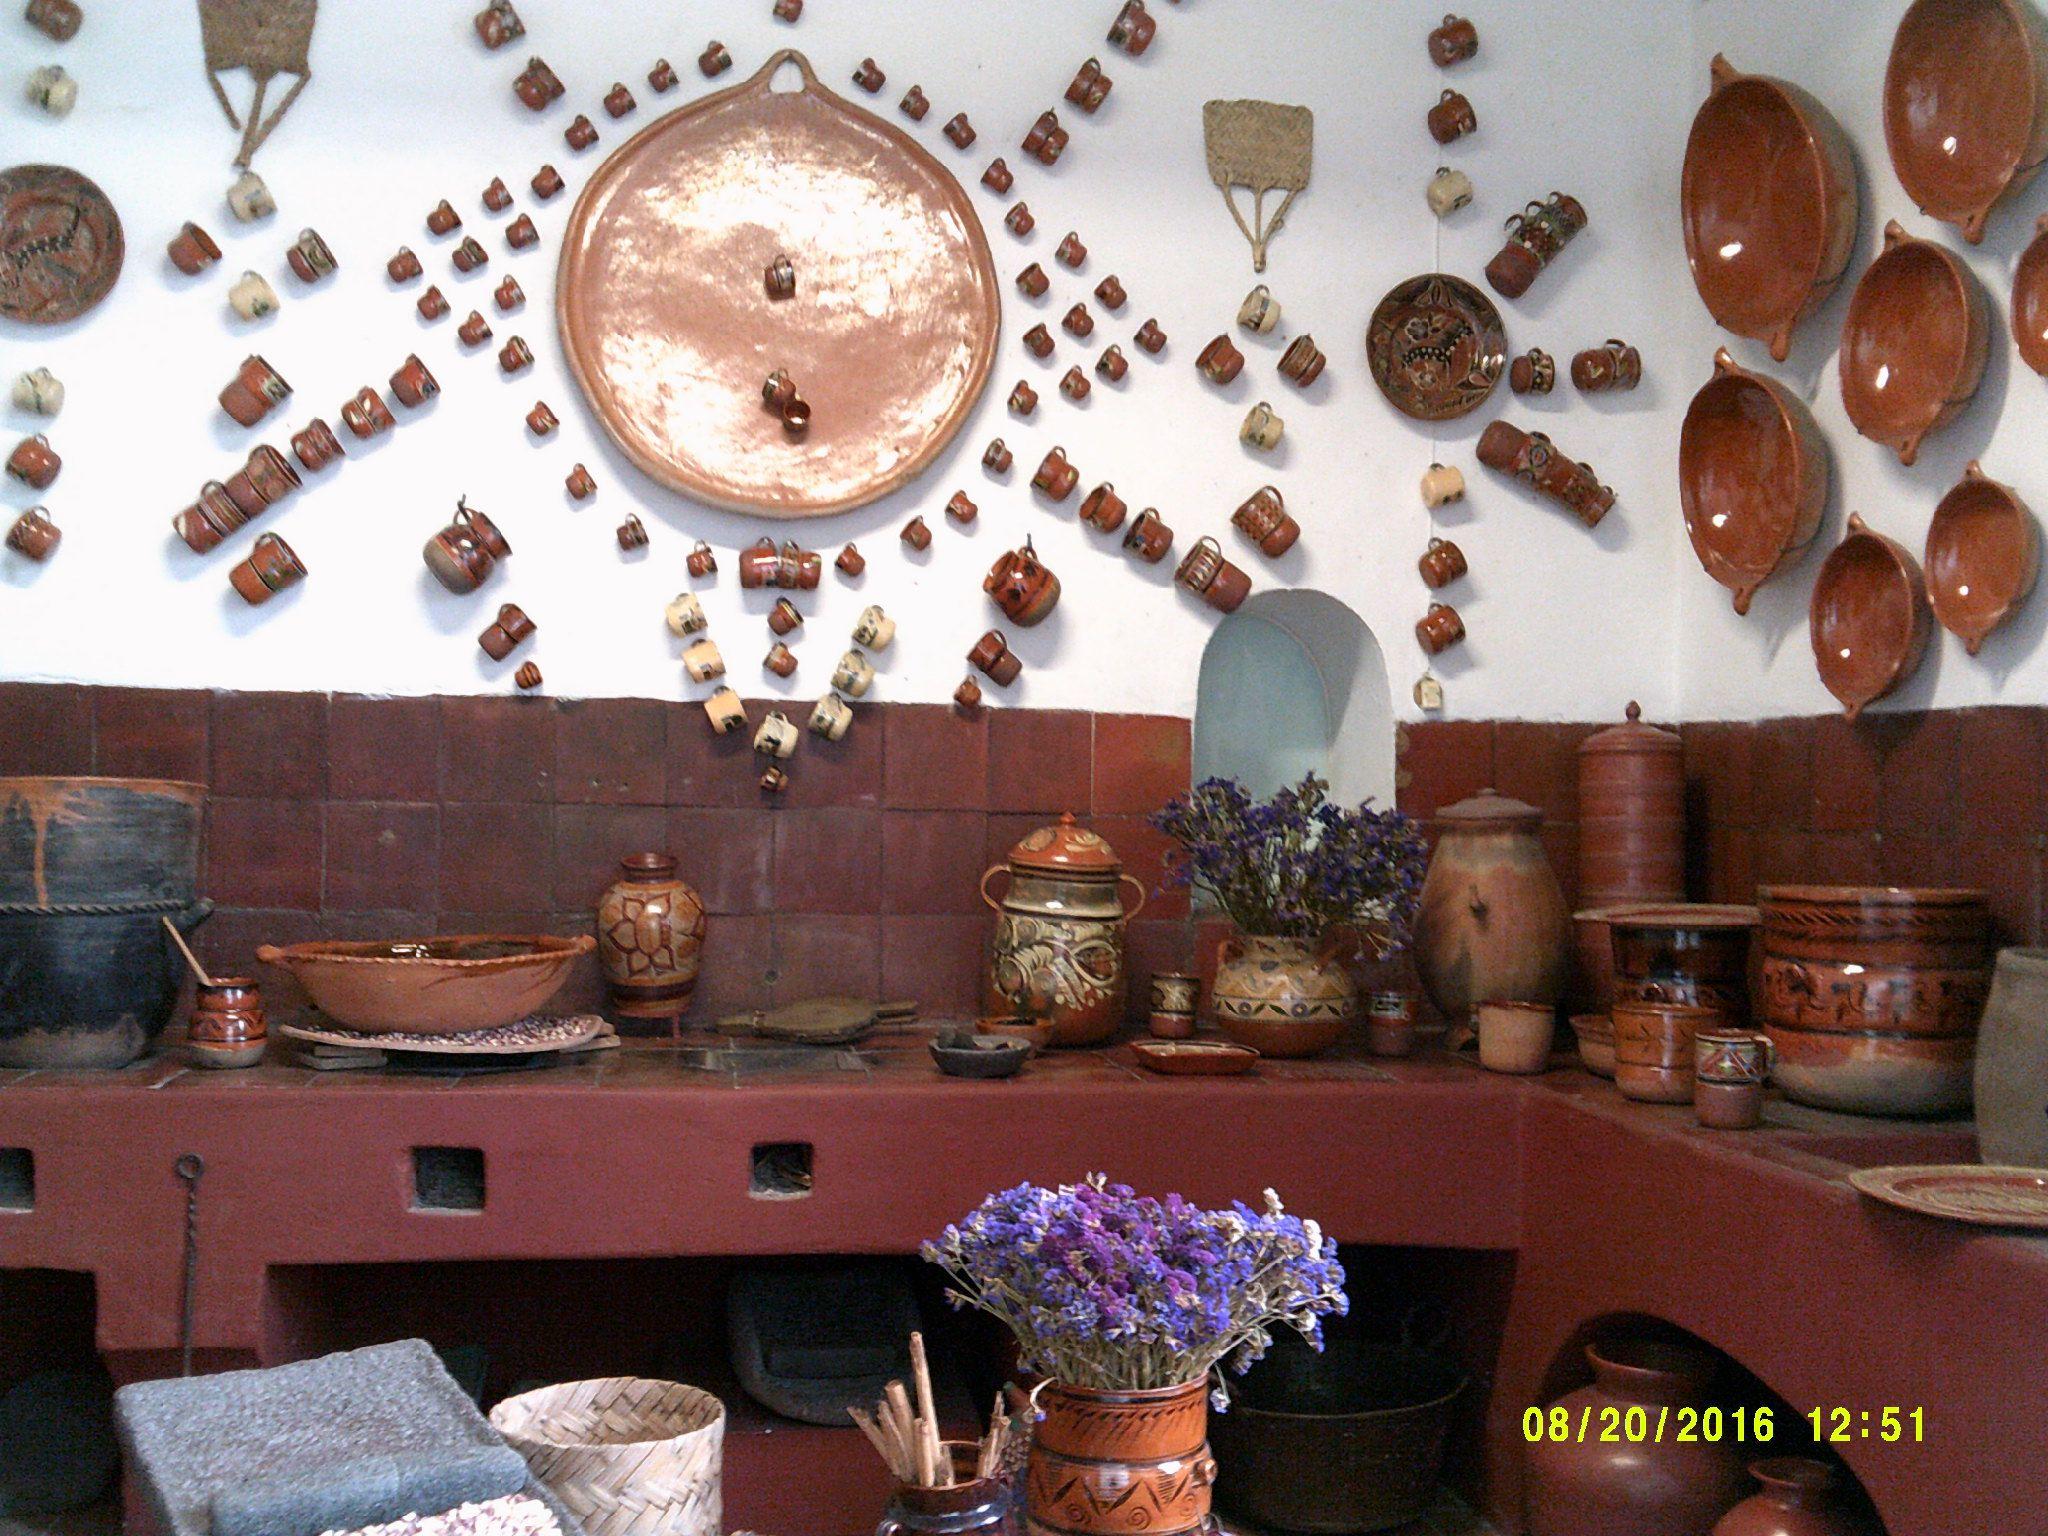 Una t pica cocina mexicana antigua en los cuadros que se for Decoracion rustica mexicana